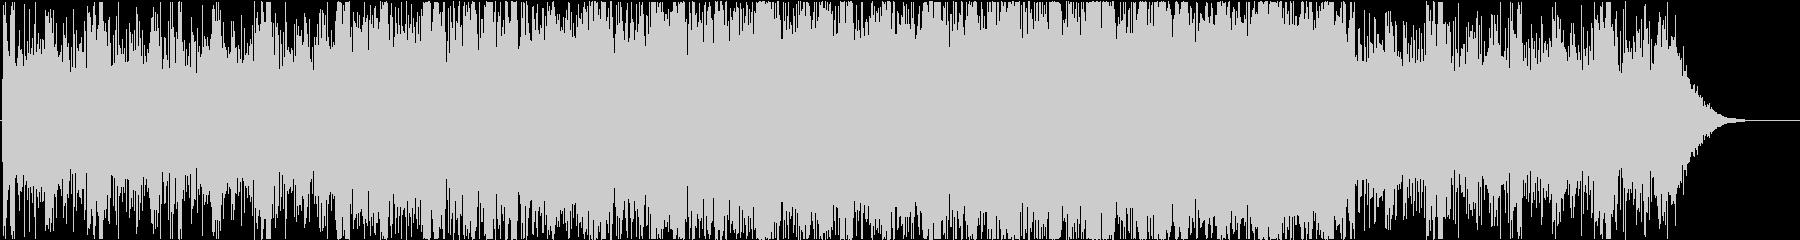 ダークでシリアス感のあるピアノ主体の劇伴の未再生の波形